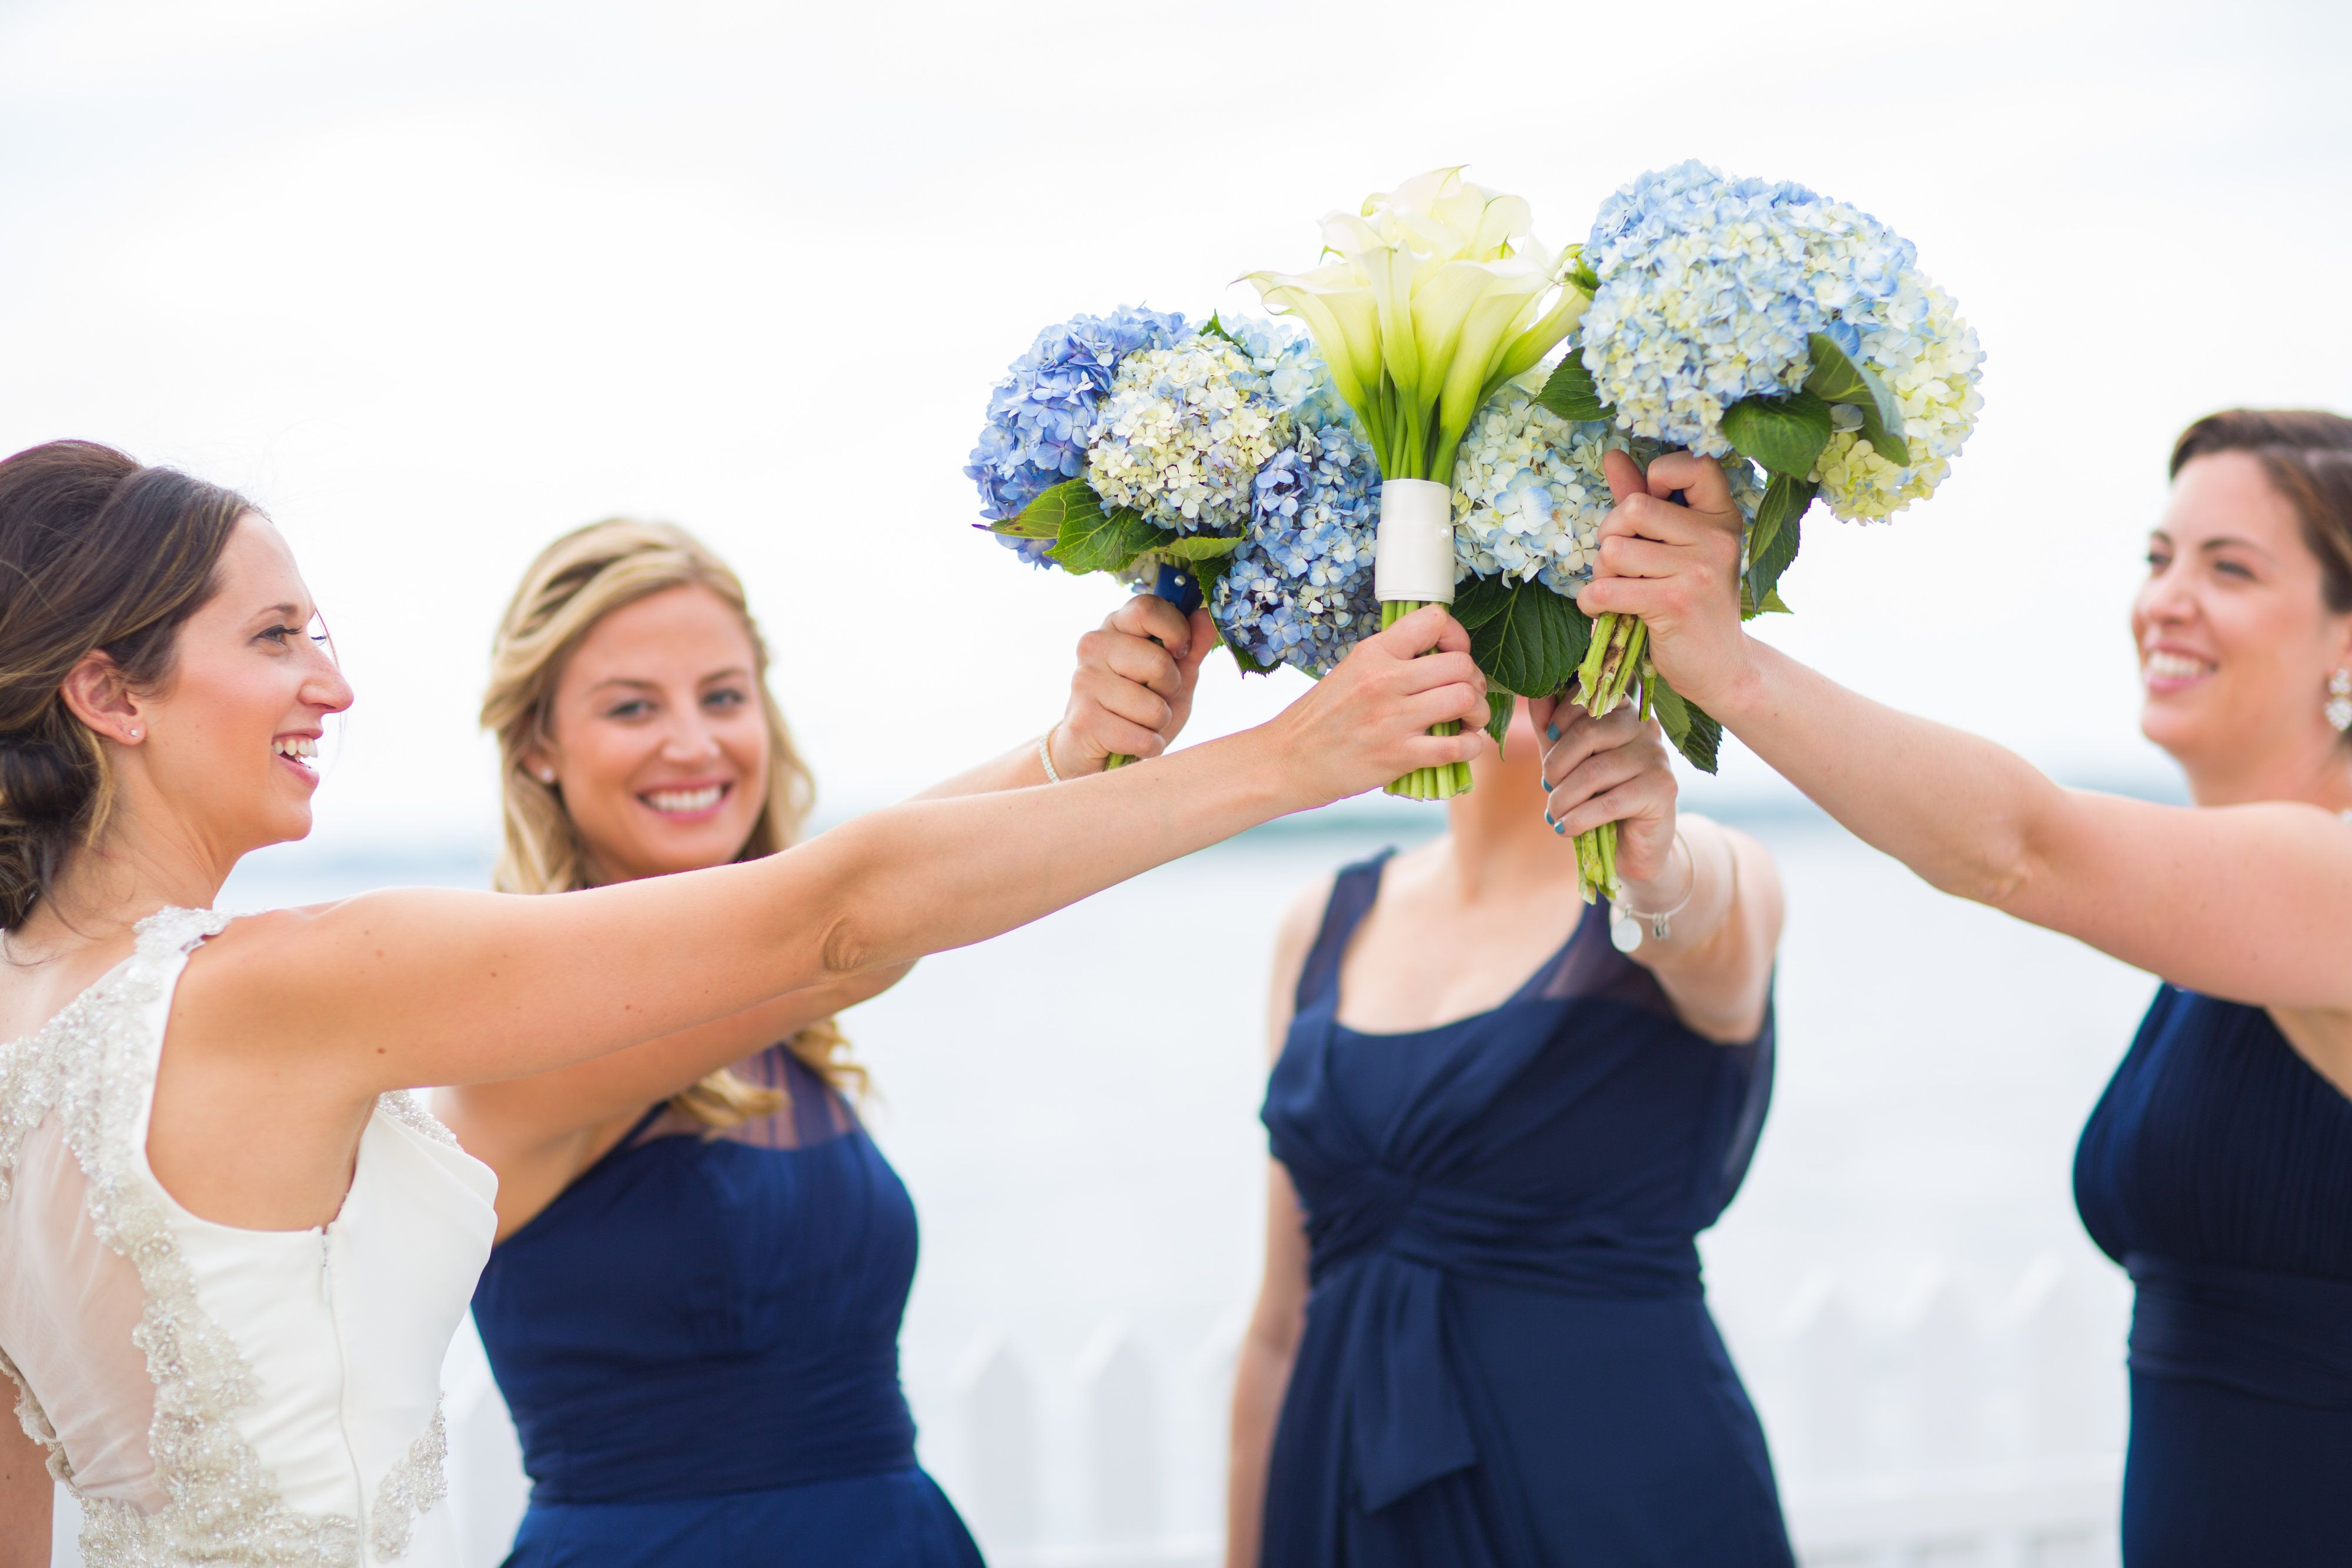 #JohnOrtonFlowersandEvents #HyattRegencyNewport #MStudios #Bride #Bridesmaids #Wedding #FallWedding #NewportRI #NewportWedding #Hydrangea #Blue #CallaLily #Flowers